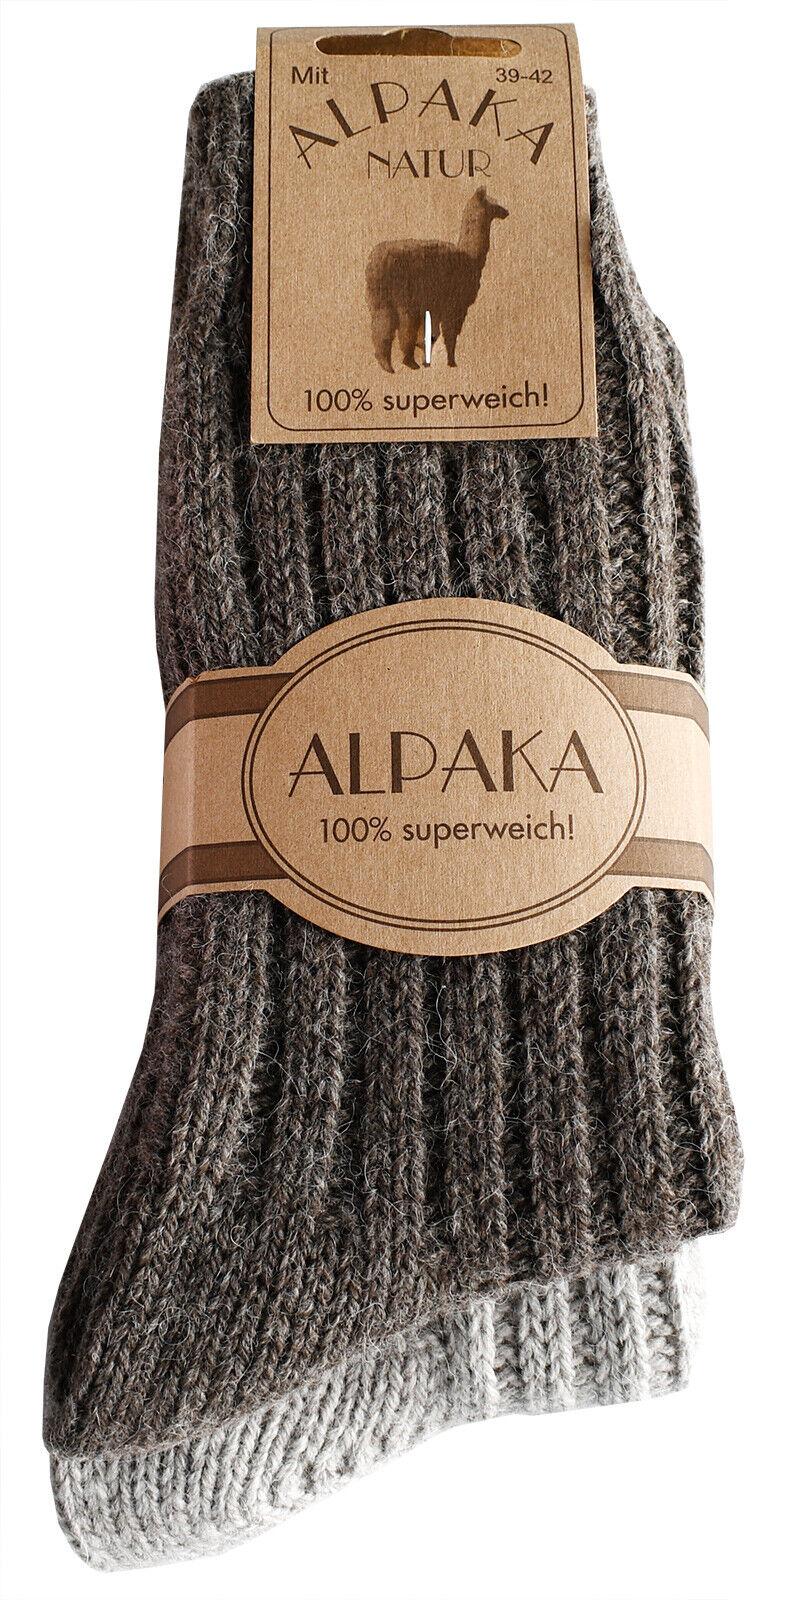 2 Paar Alpaka Socken Wollsocken Wintersocken kuschelig warm für Damen Herren